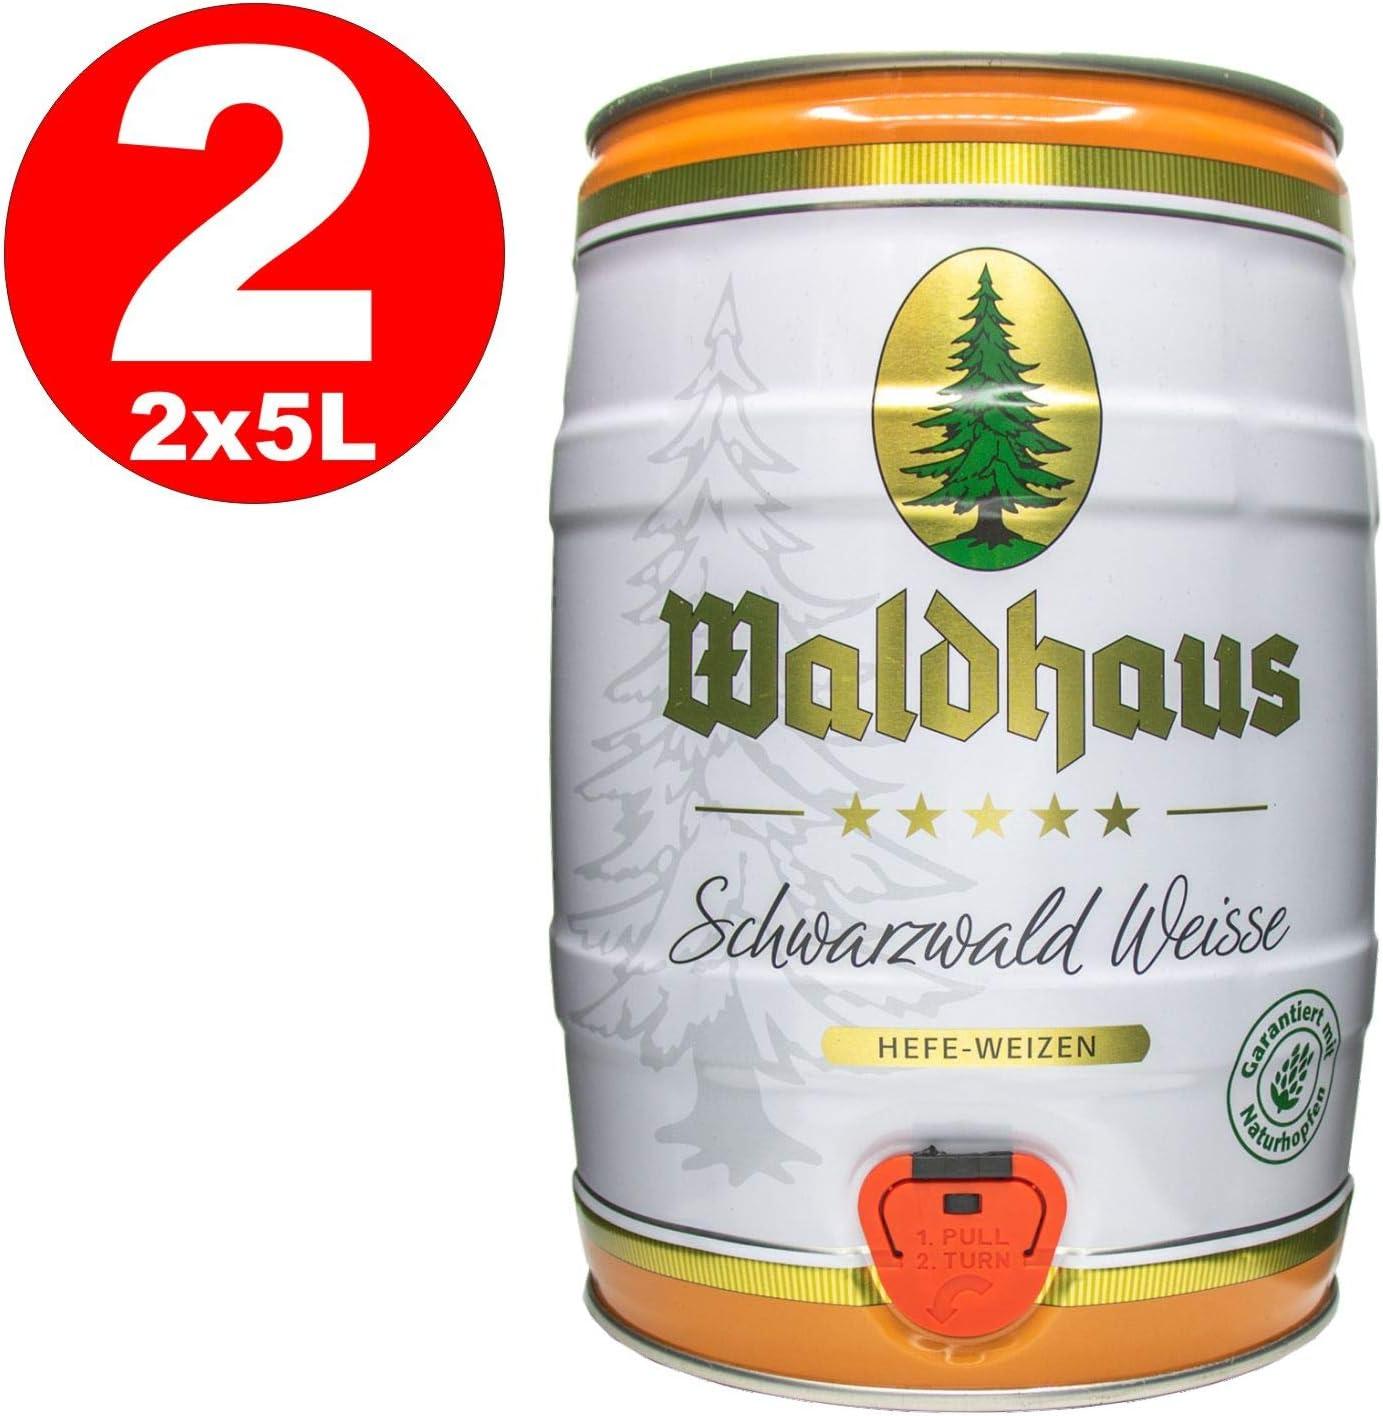 2 x Waldhaus Schwarzwald Weisse Bosque negro White Yeast Wheat 5 L Party Keg 5.6% vol.